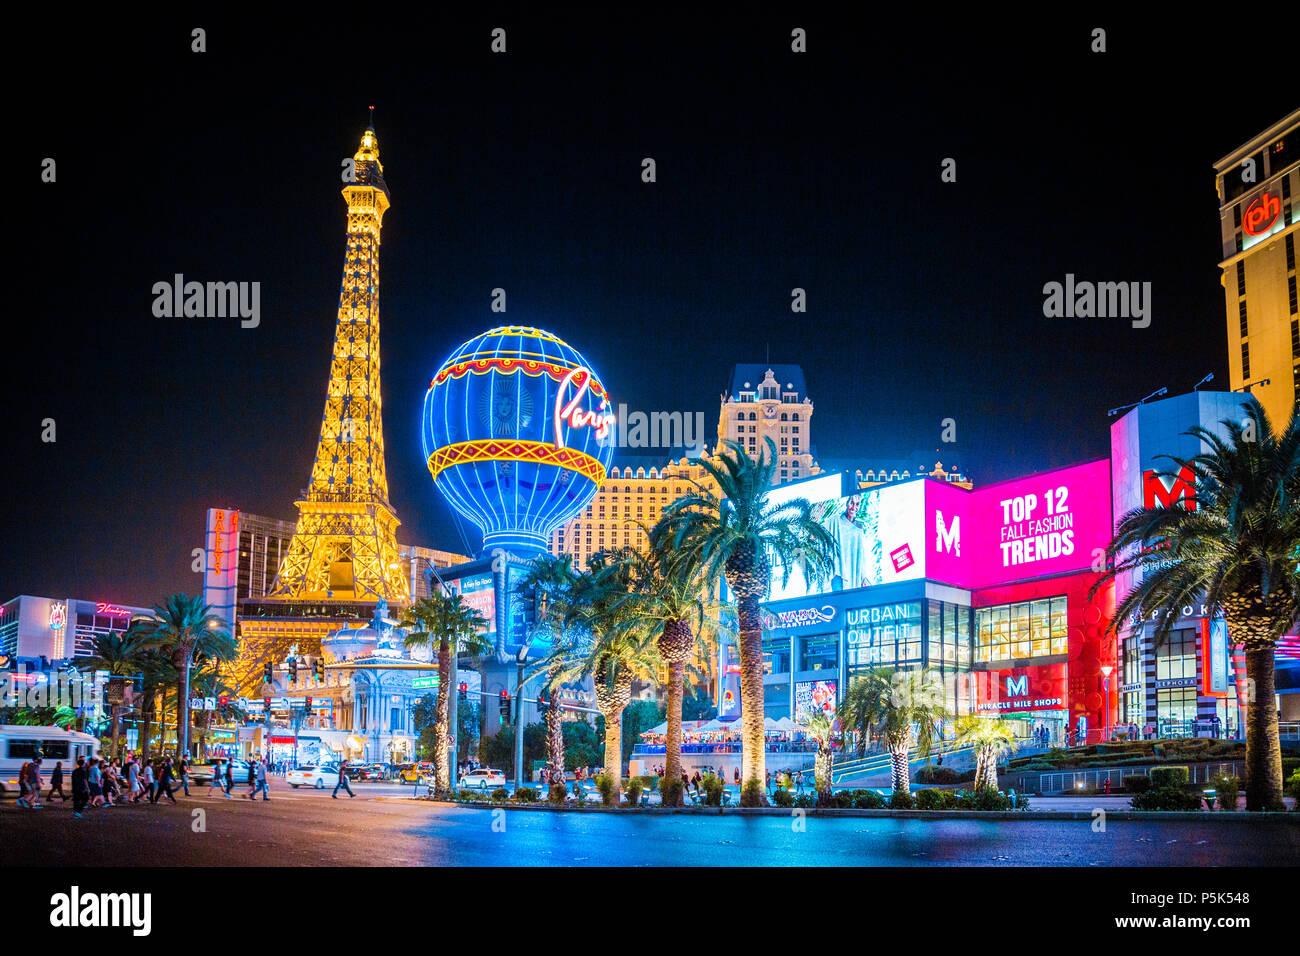 Septiembre 20, 2017 - LAS VEGAS: Classic vista panorámica de colorido el centro de Las Vegas con el mundialmente famoso Strip y Paris Las Vegas Hotel Imagen De Stock